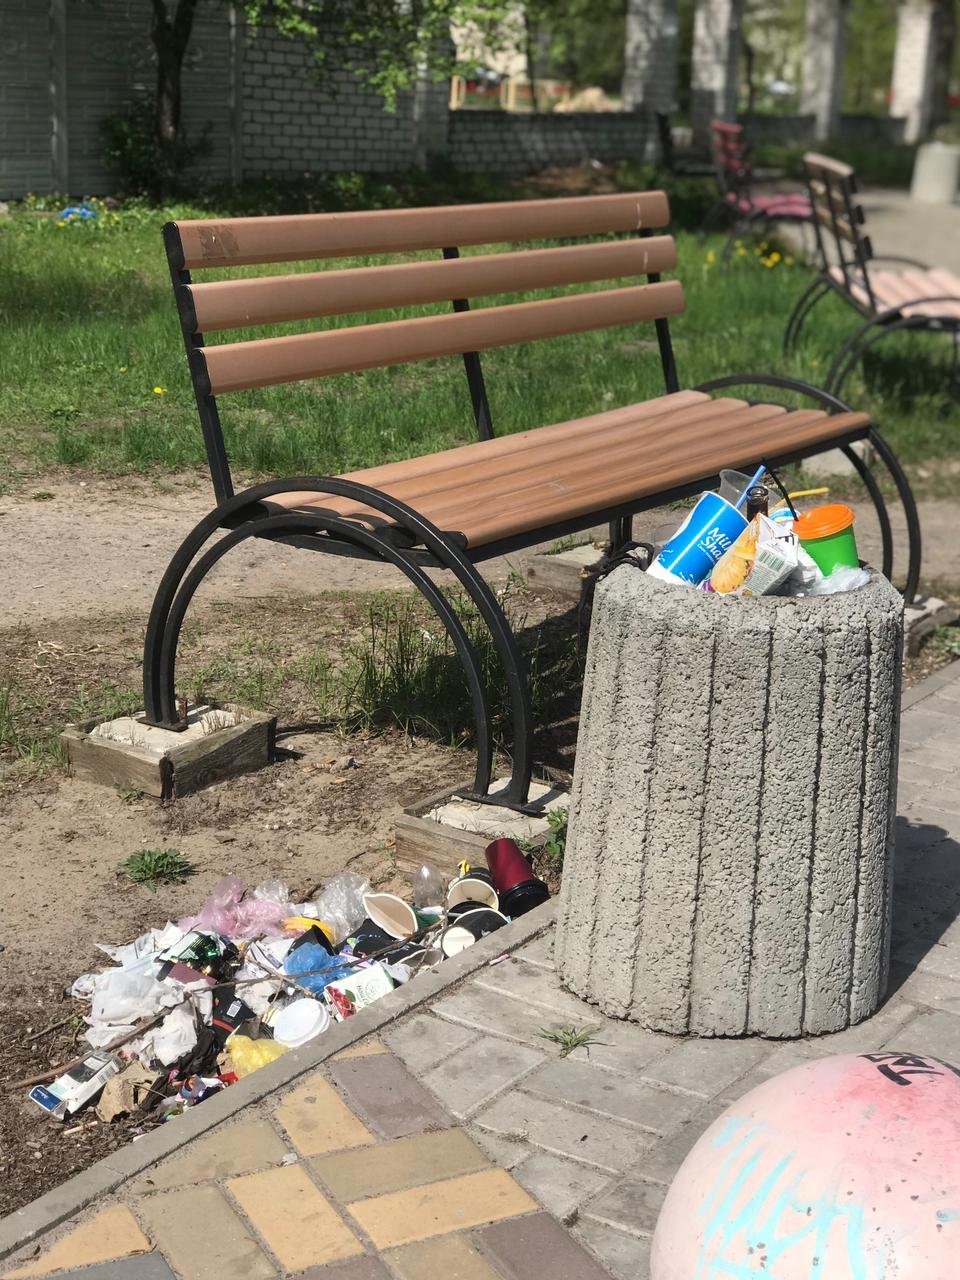 Мусор на территории Паркового озера после майских праздников, 2021 год, Ярослав Шульга